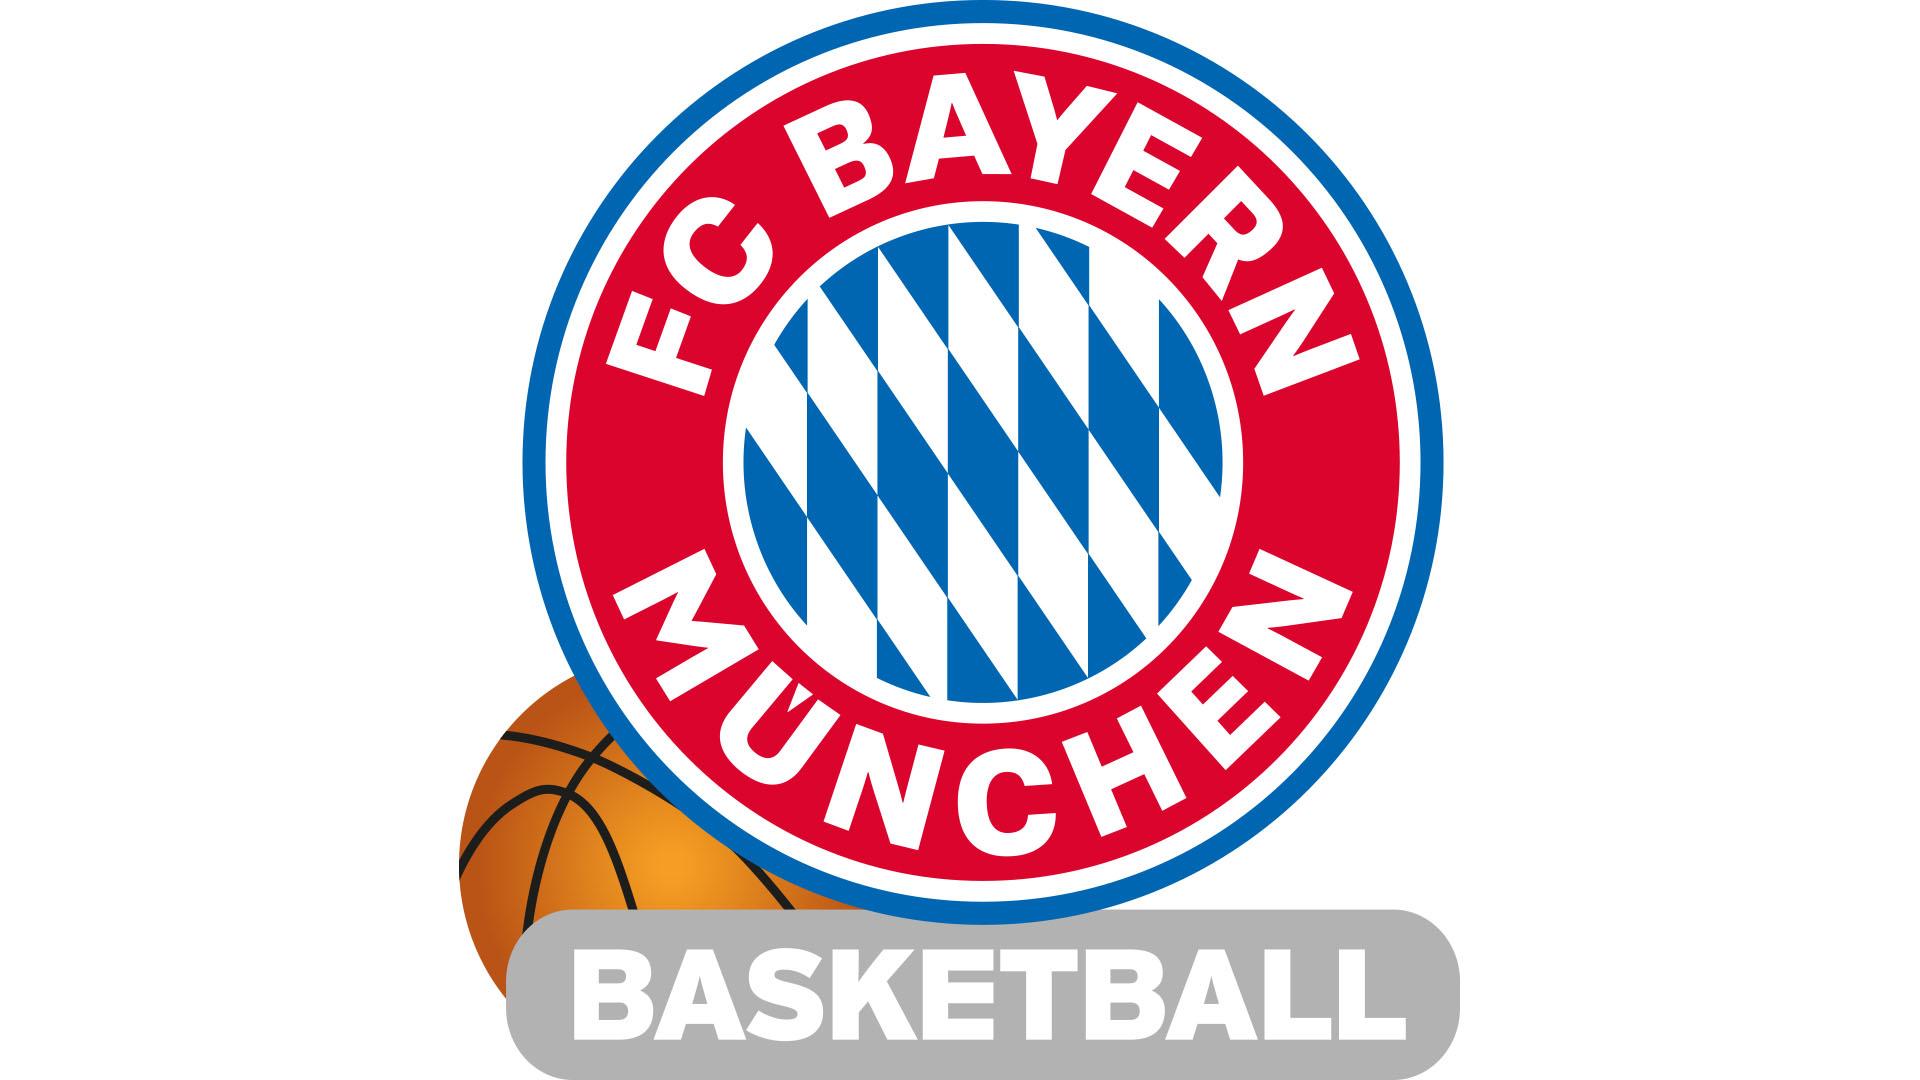 FC-Bayern-München-Basketball-1